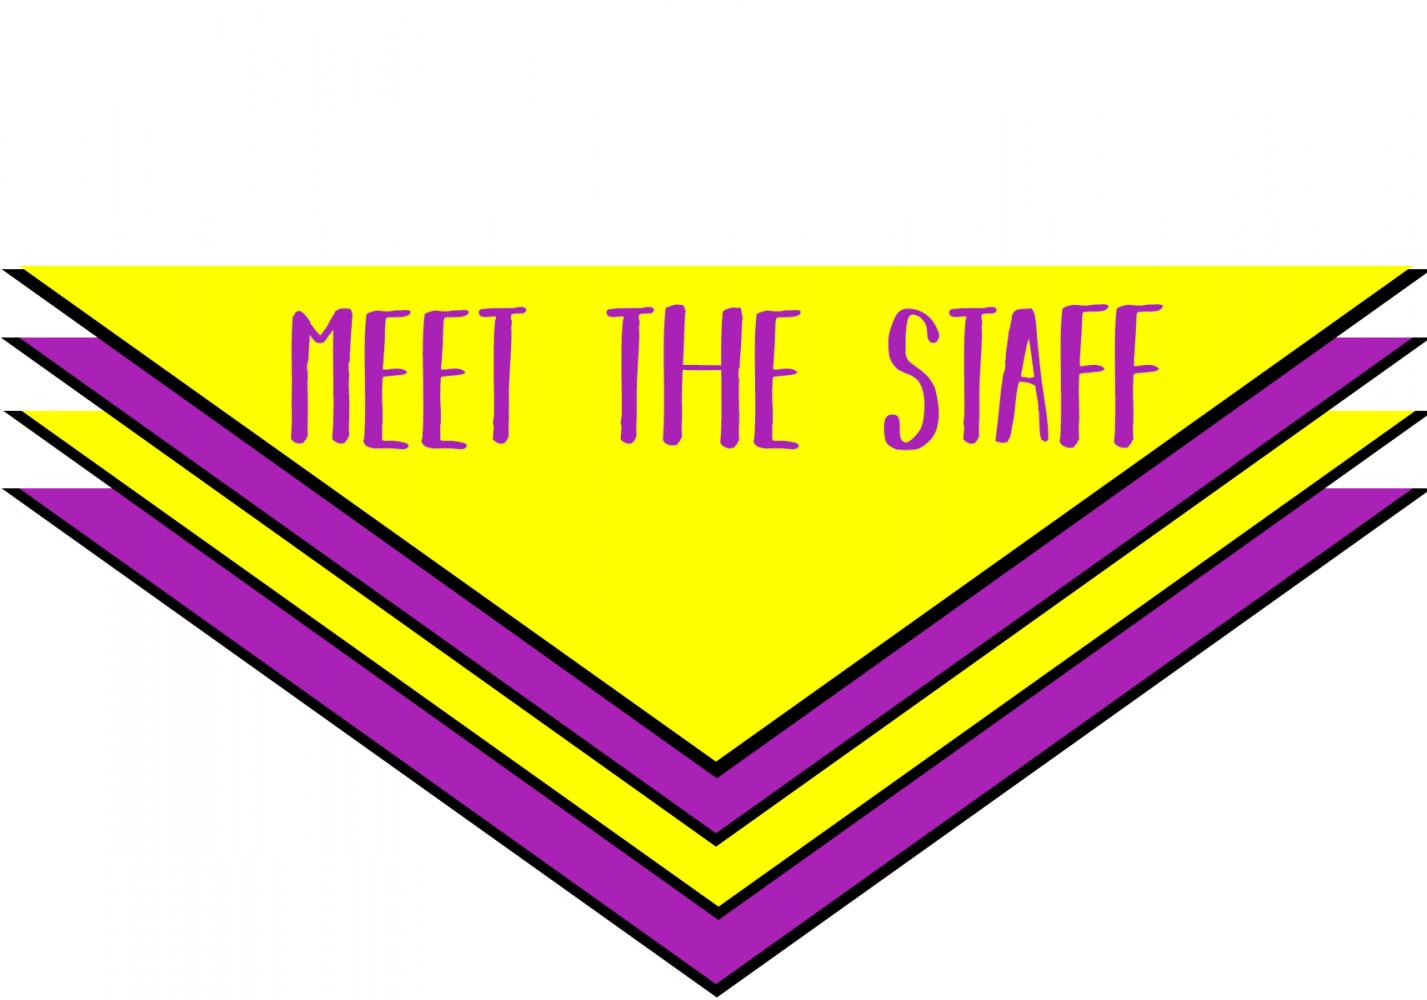 Meet the Staff S2:E19: Tymber Haese